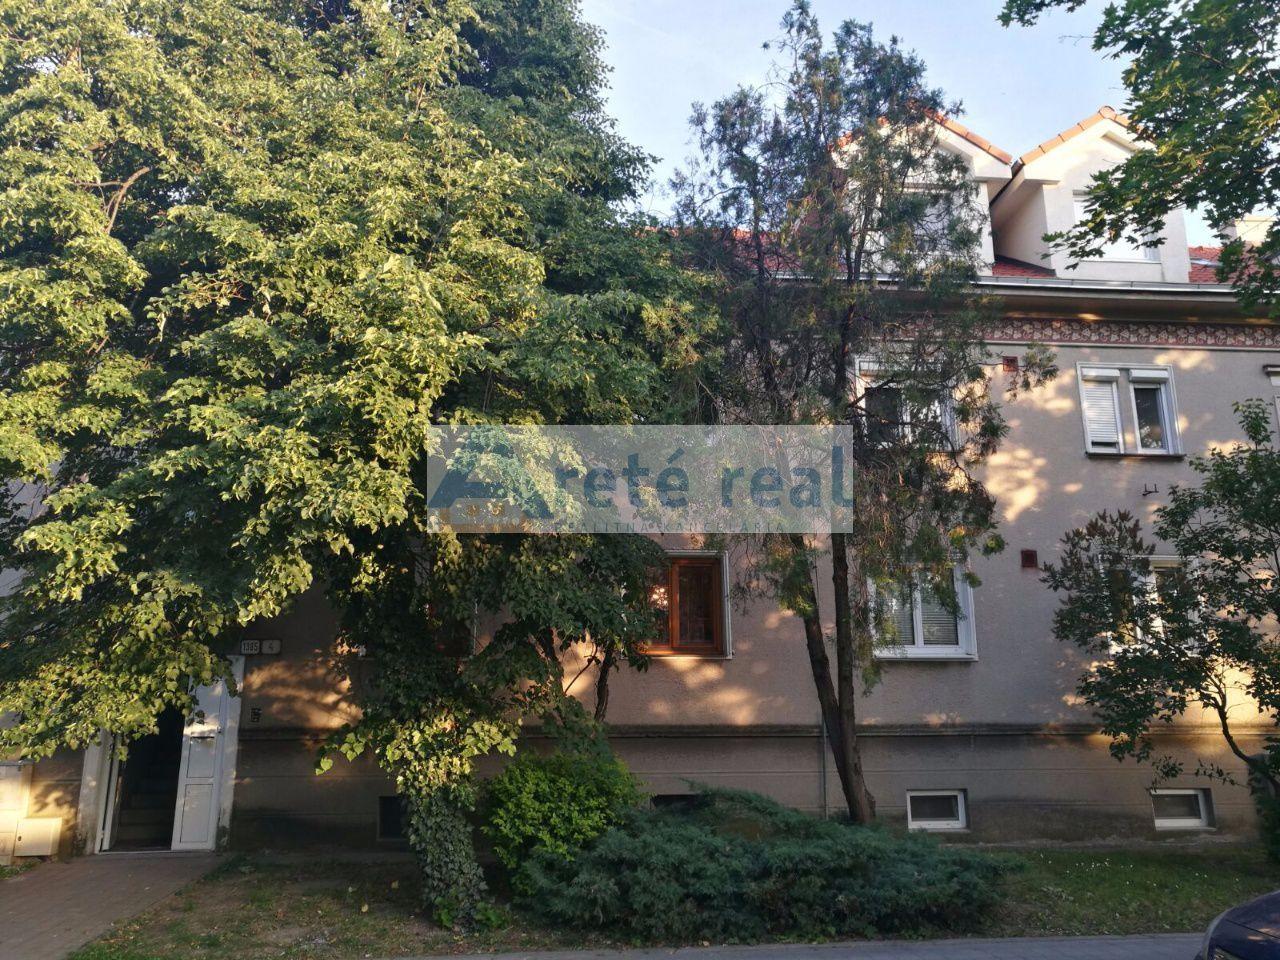 Areté real, Prenájom veľmi pekného 2-izbového zariadeného bytu v úplnom centre mesta Pezinok